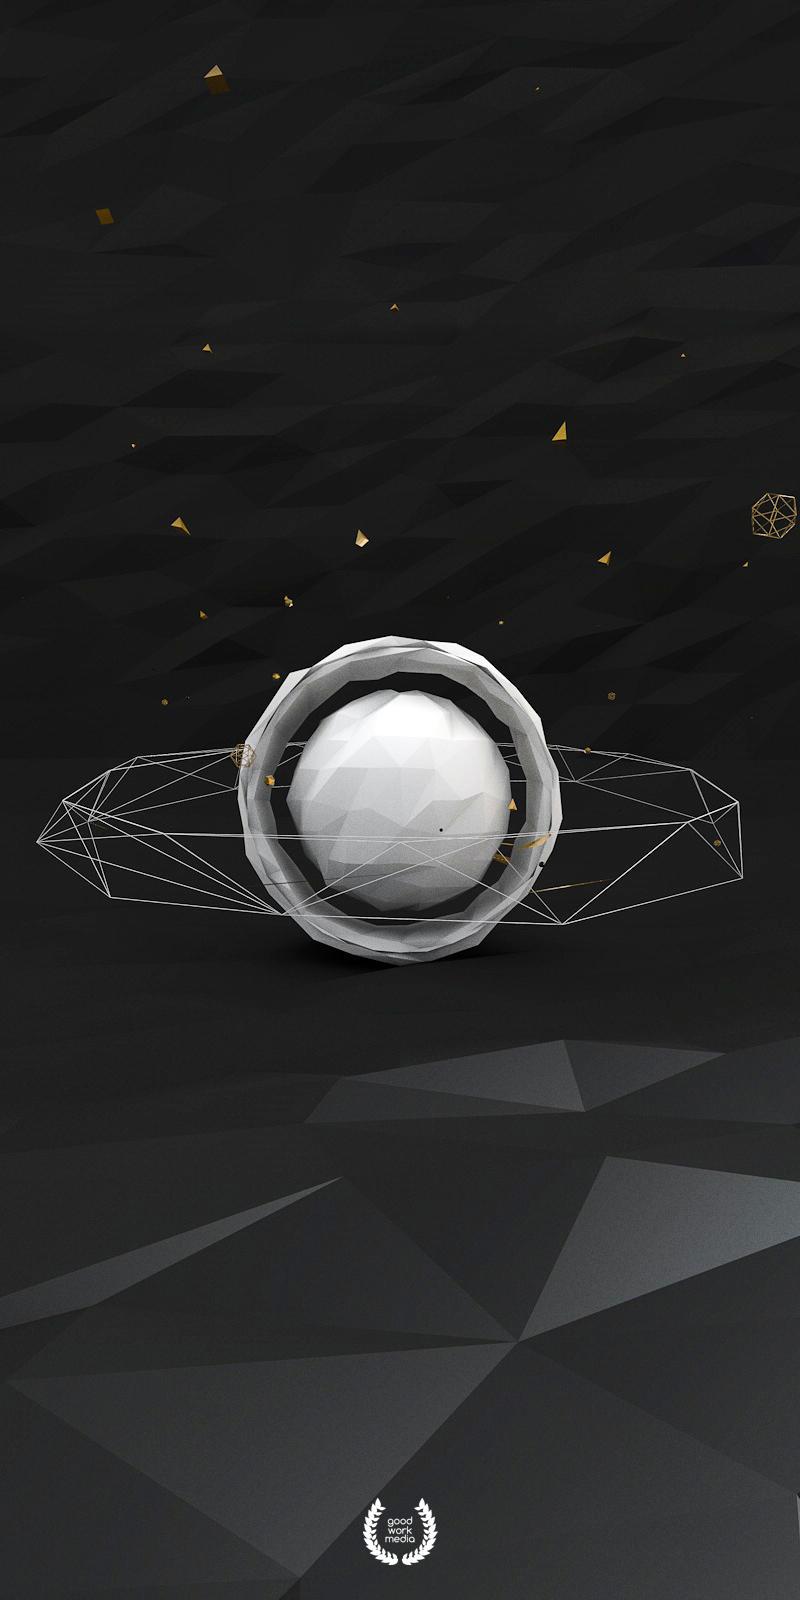 Orbit by elka